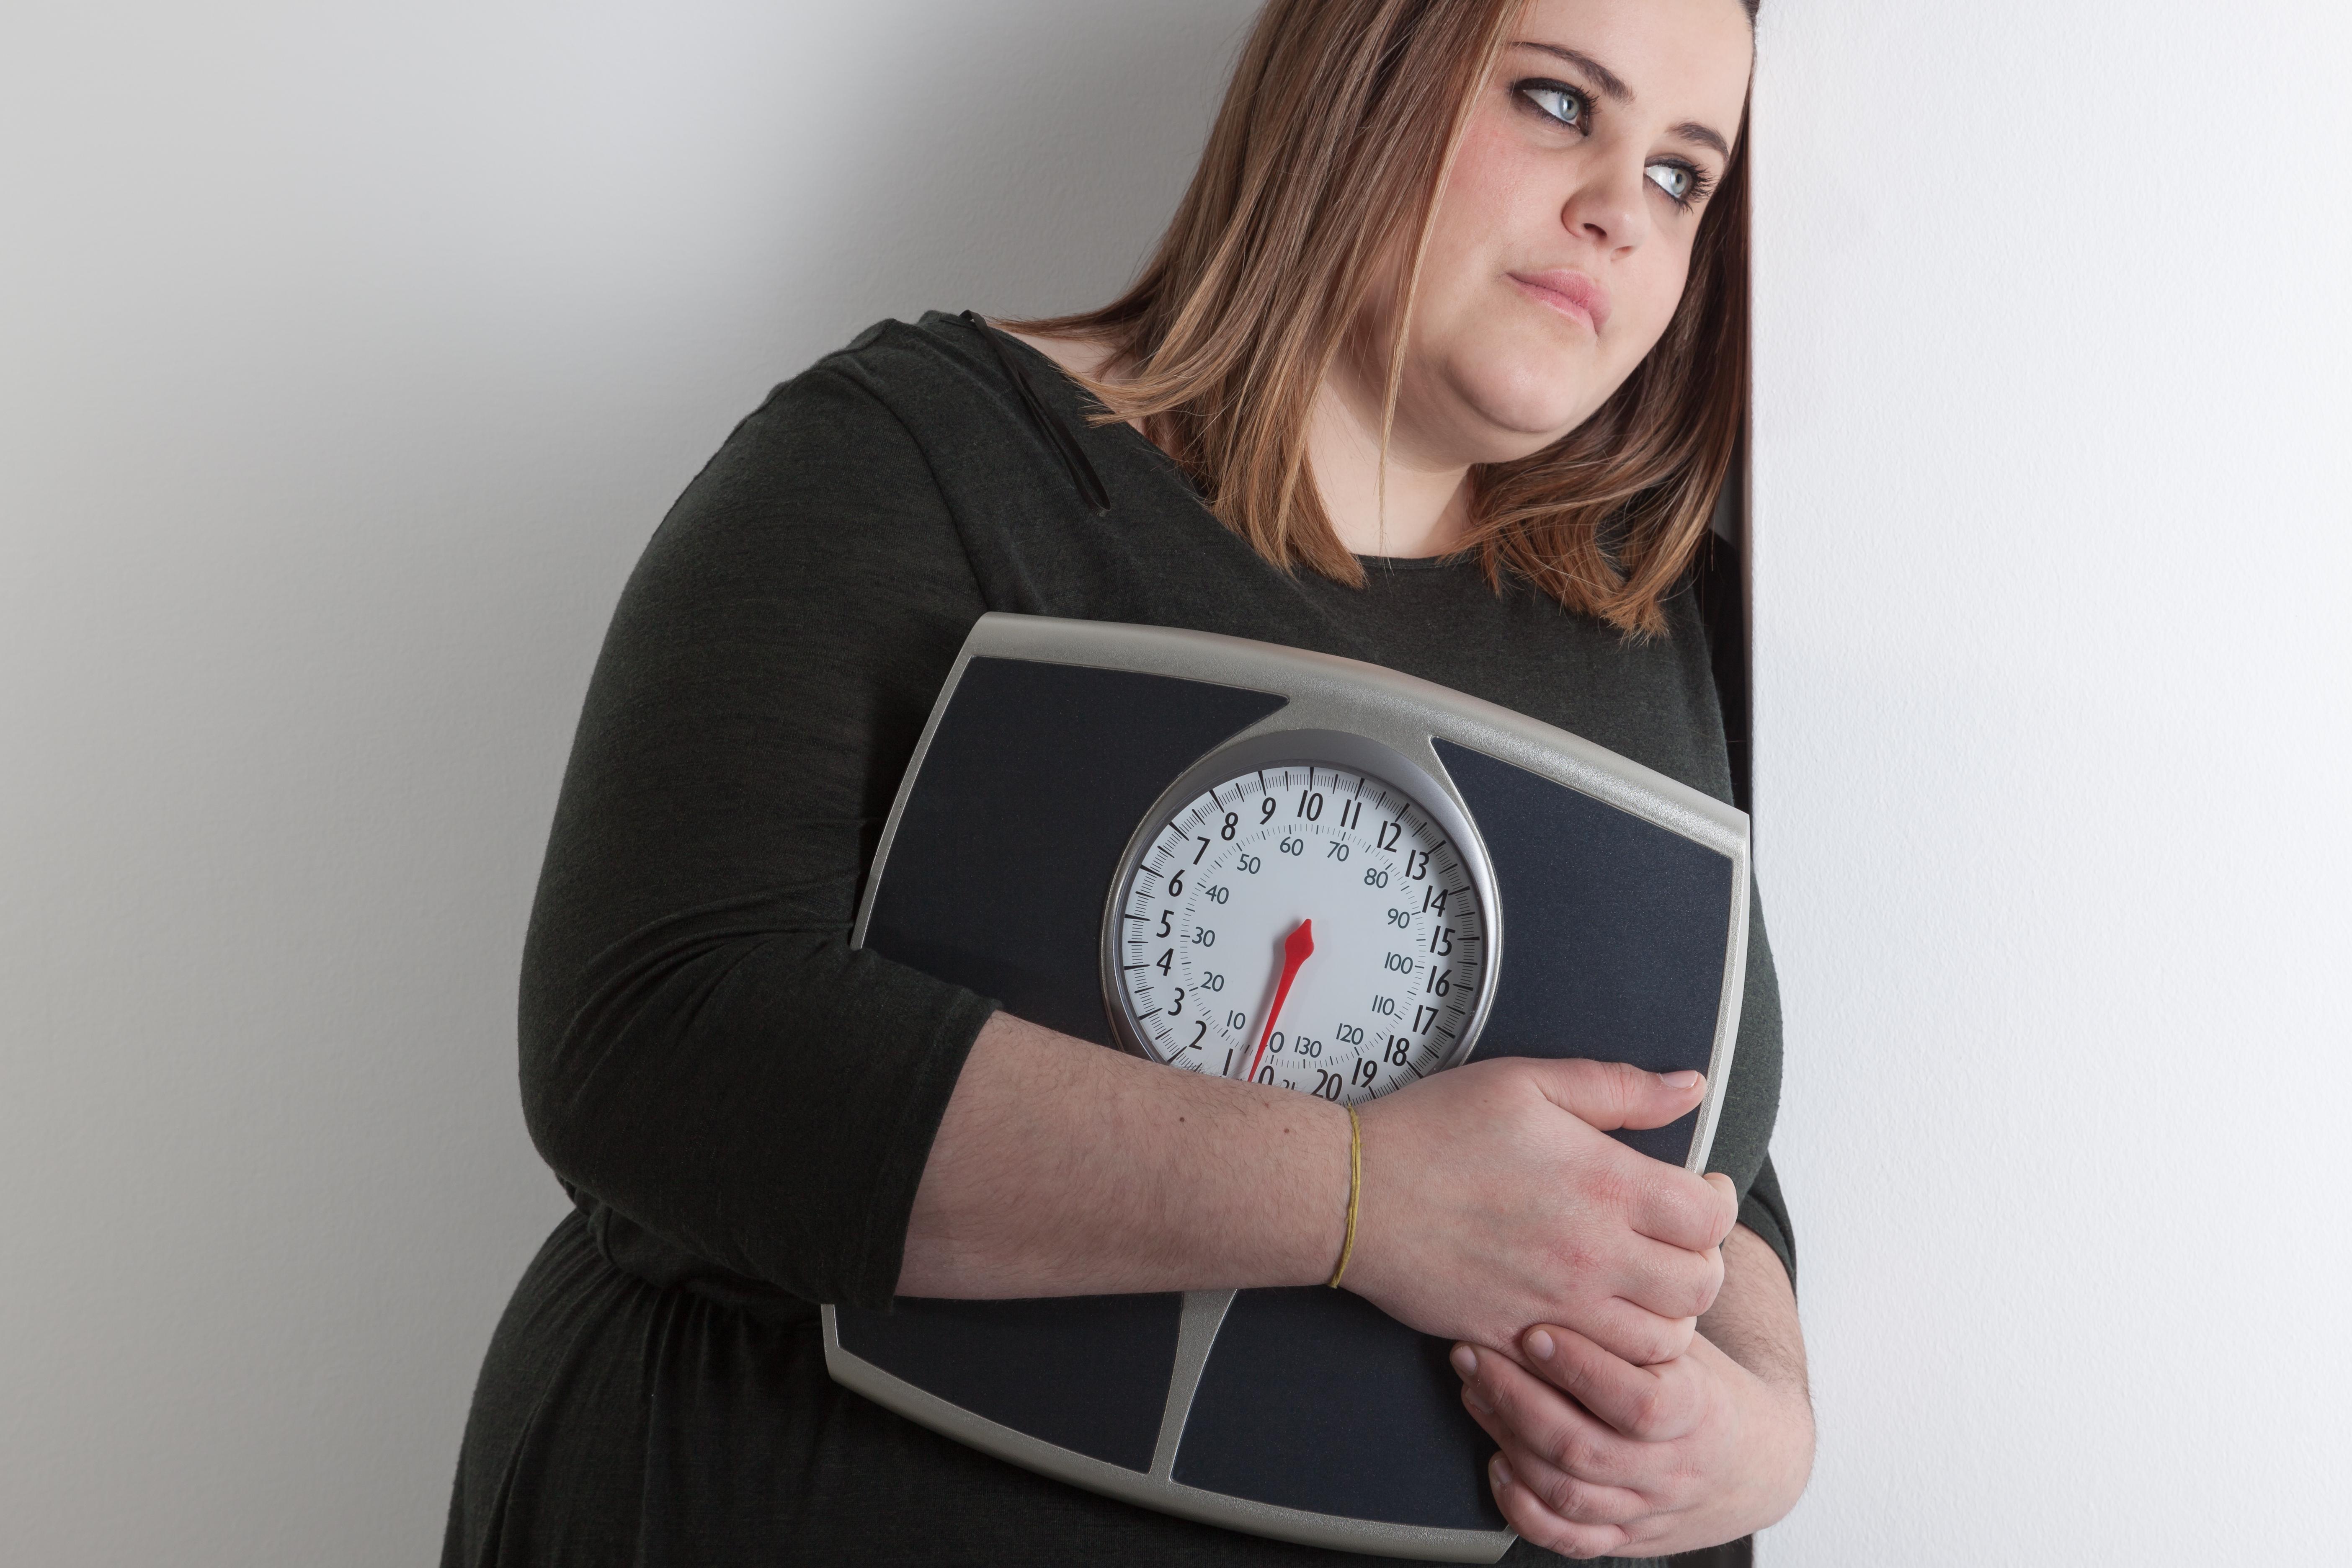 Upptäckten kan även vara en förklaring till att forskare på senare år har kunnat koppla samman stillasittande med fetma och ohälsa.